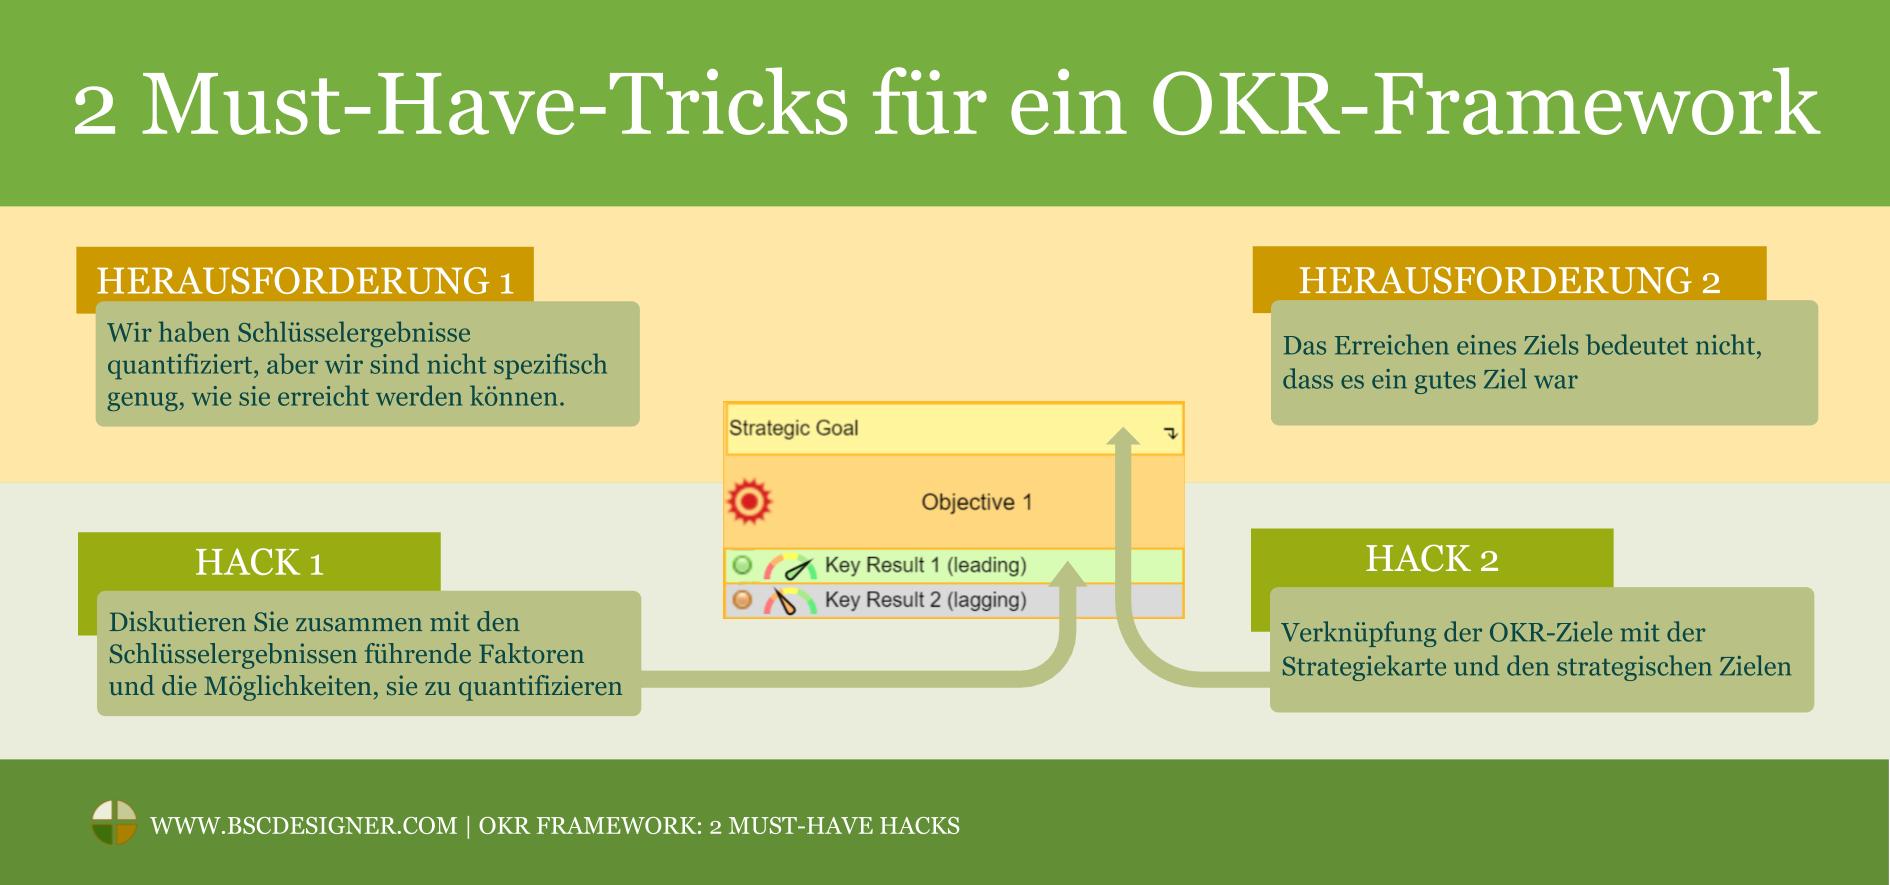 2 Must-Have-Tricks für das OKR-Framework